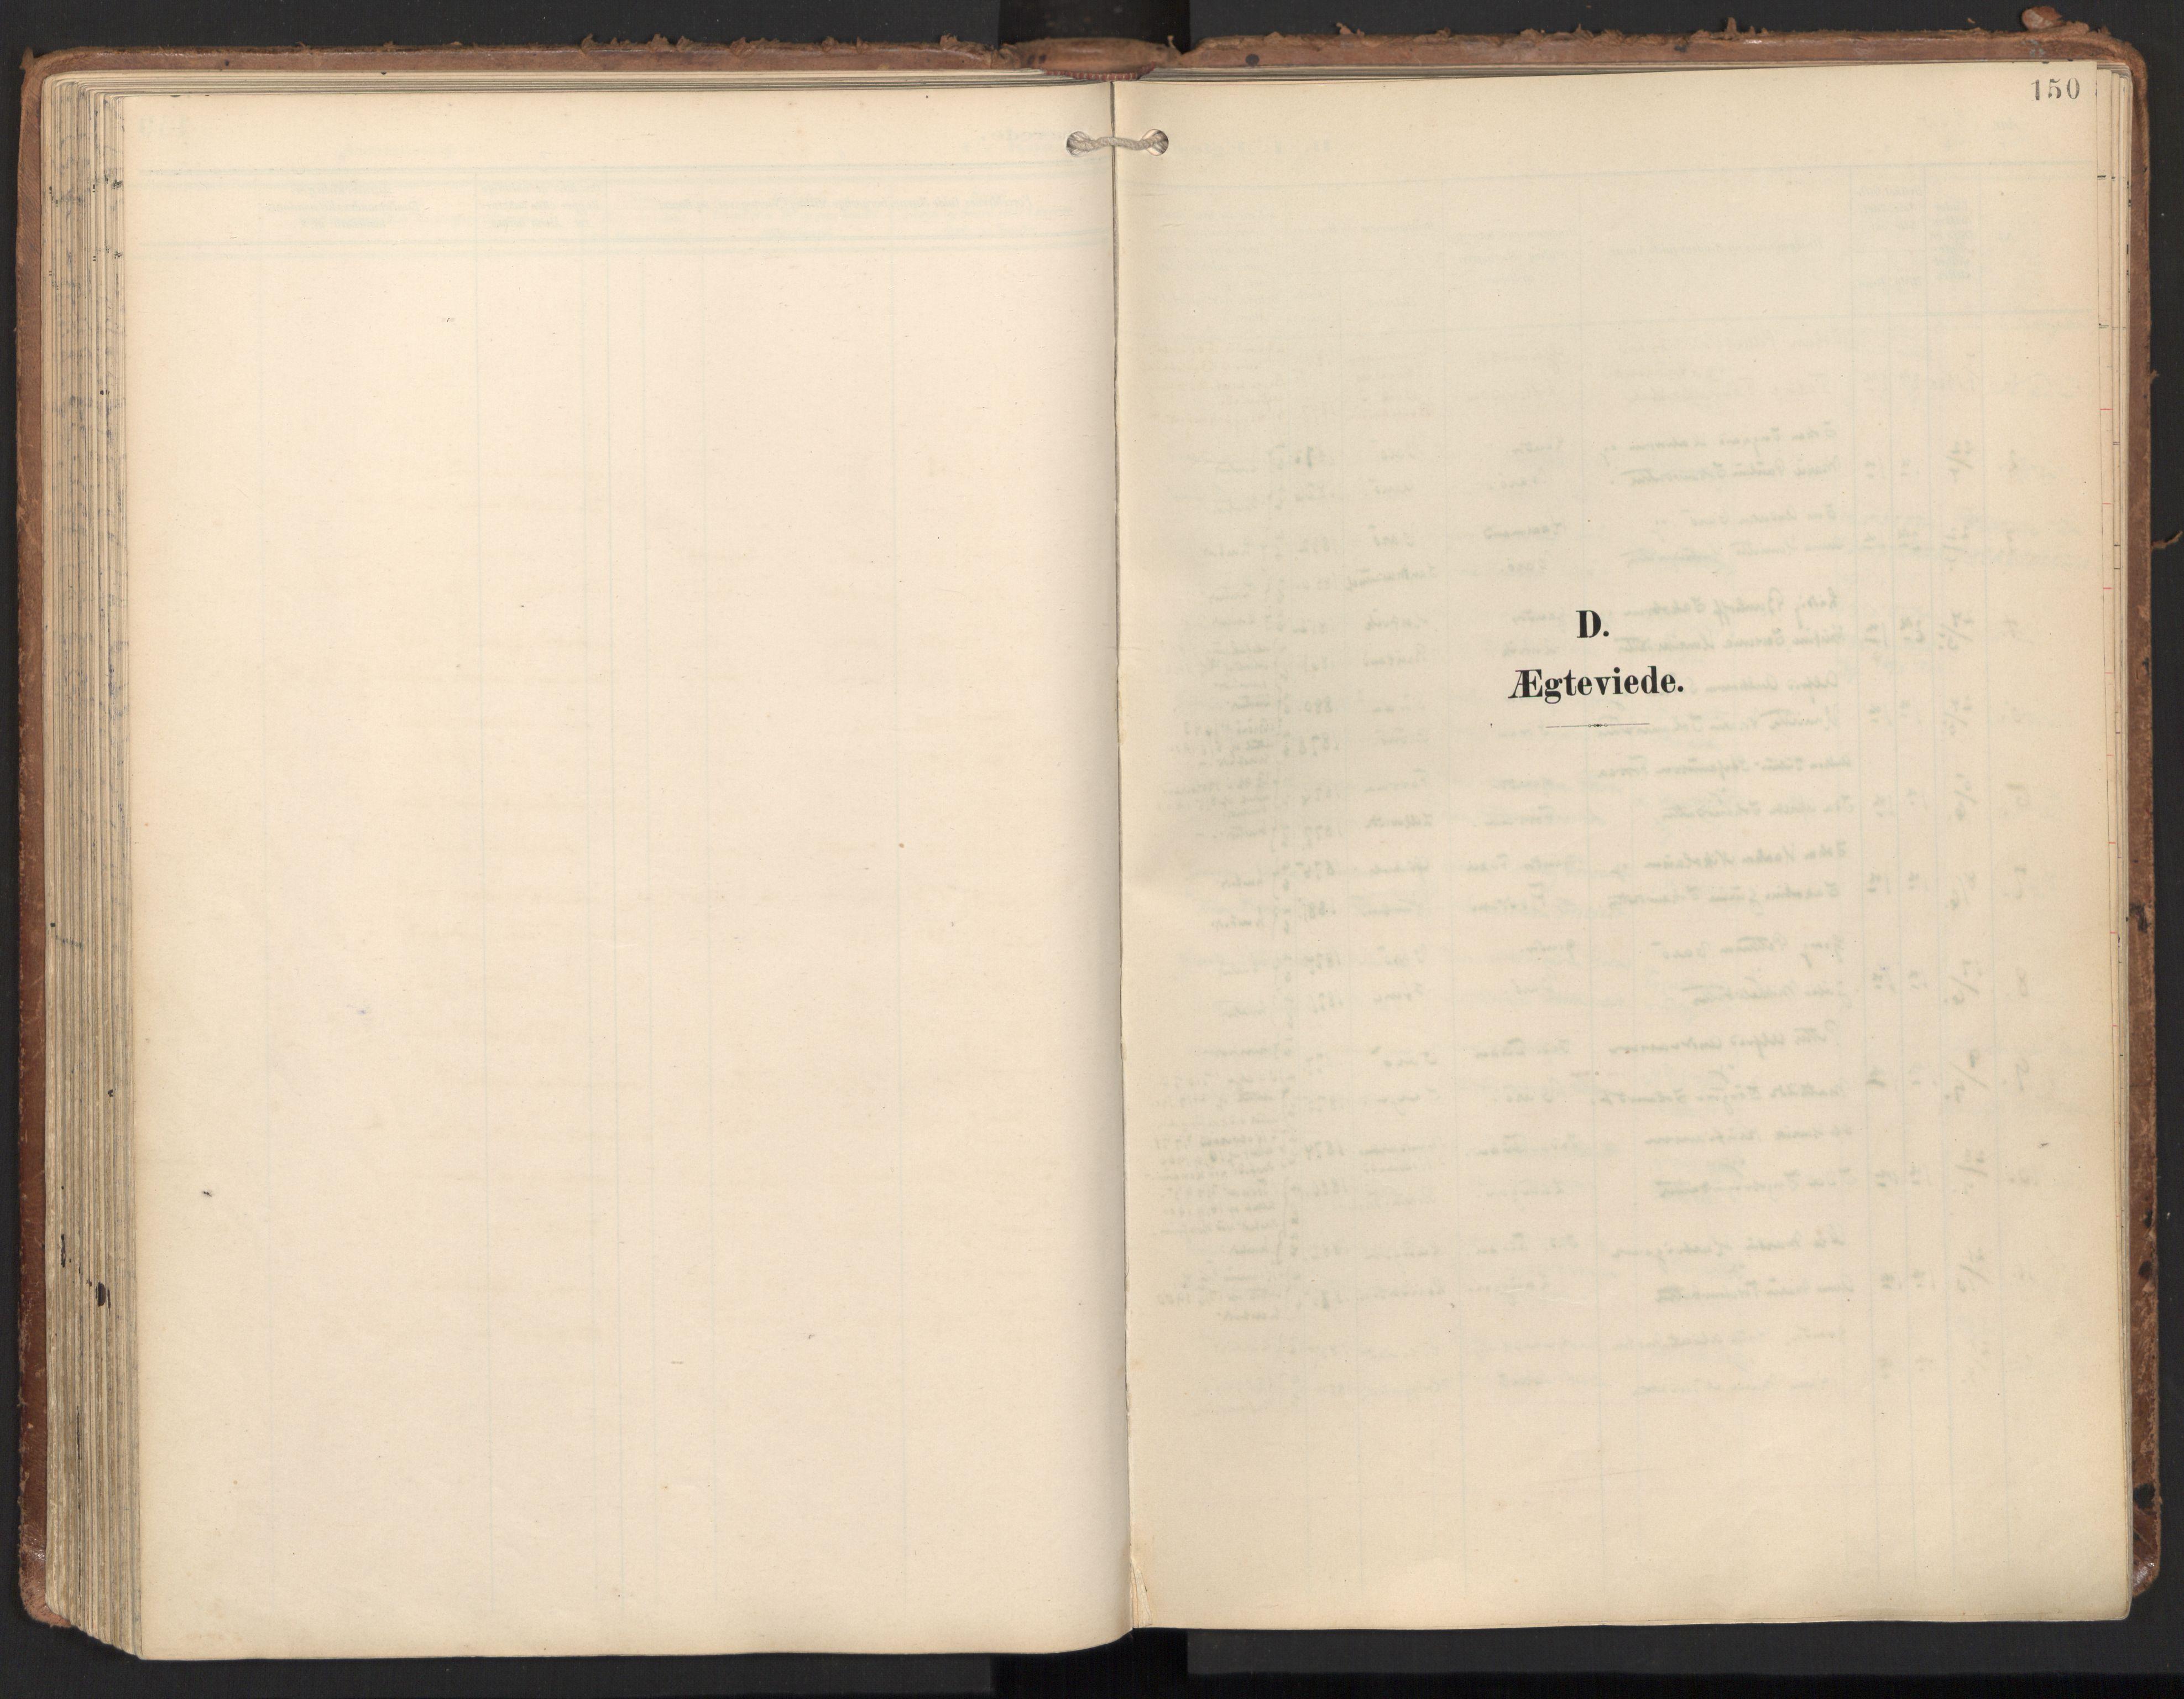 SAT, Ministerialprotokoller, klokkerbøker og fødselsregistre - Nord-Trøndelag, 784/L0677: Ministerialbok nr. 784A12, 1900-1920, s. 150